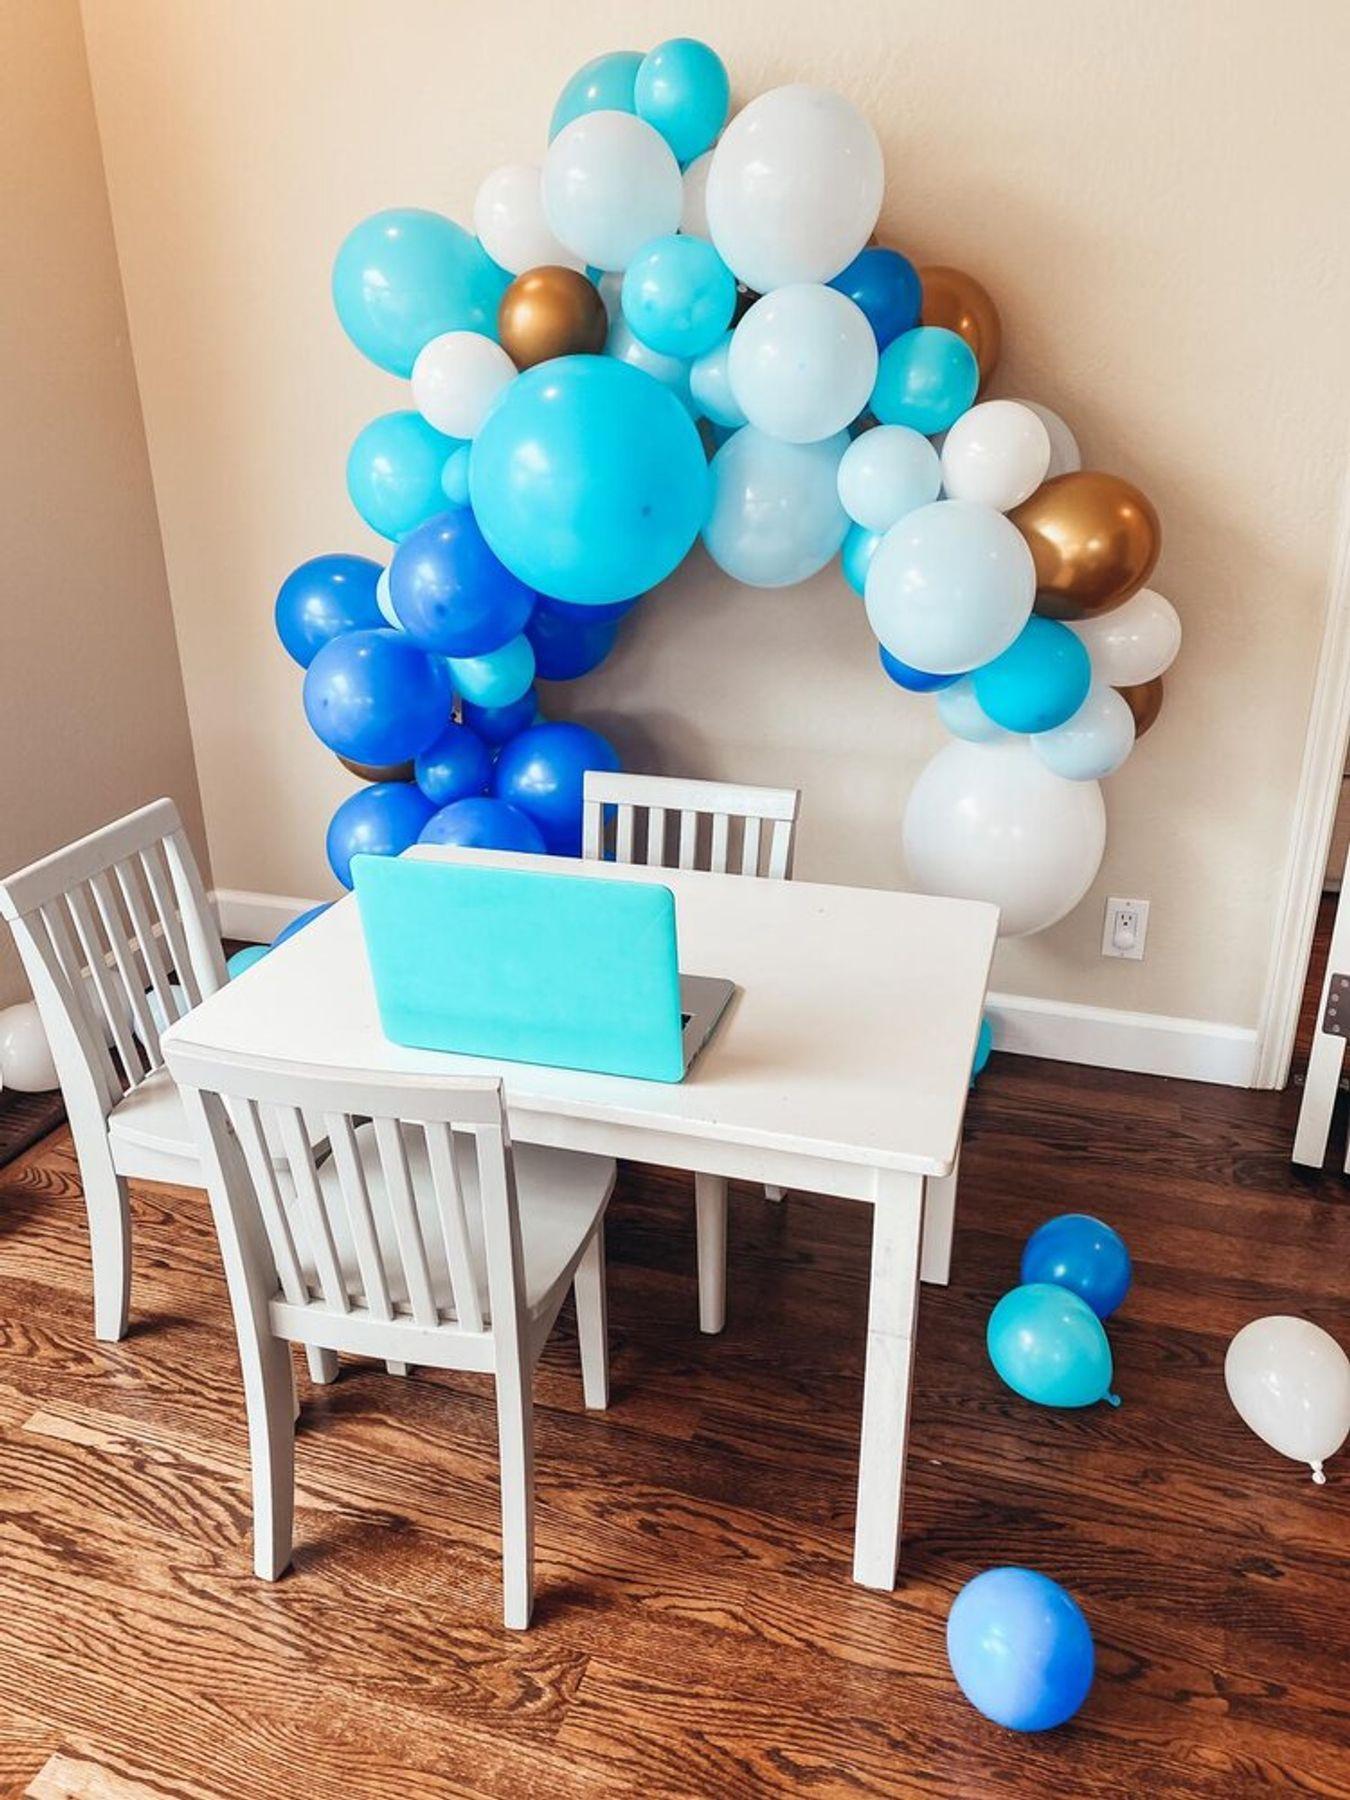 Plan a virtual party